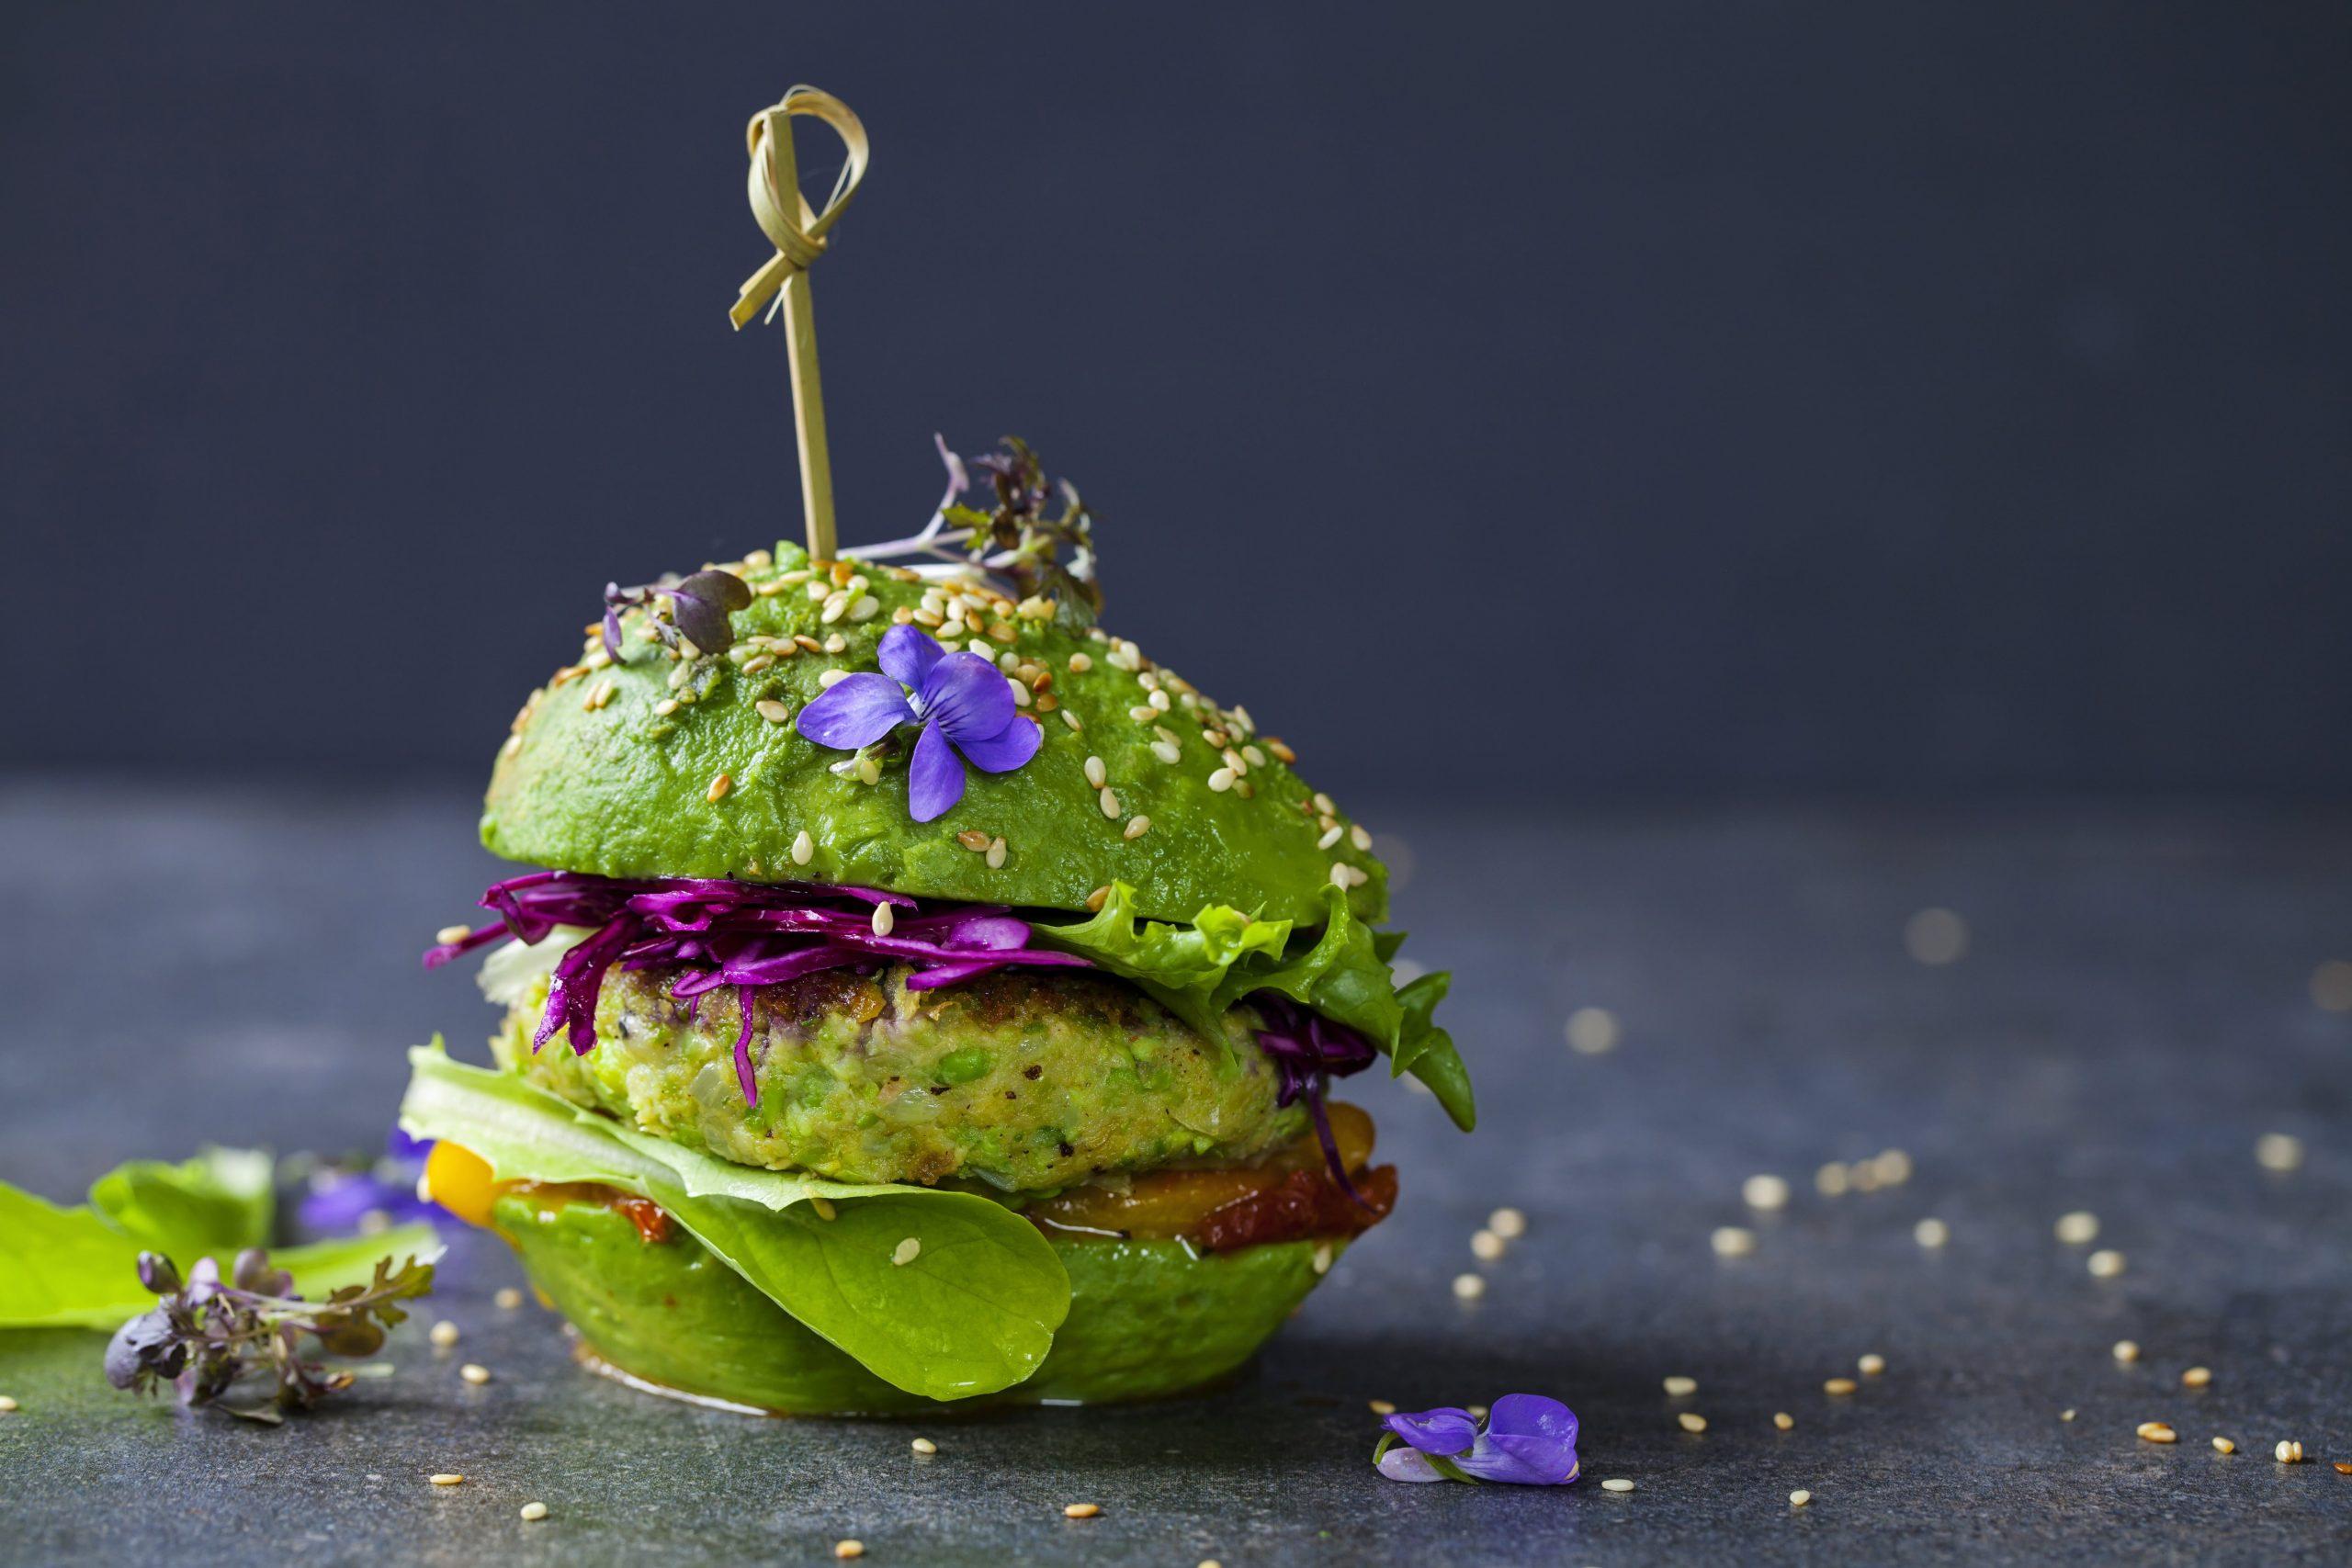 Bilanciamento della composizione dietetica per pazienti vegetariani e vegani